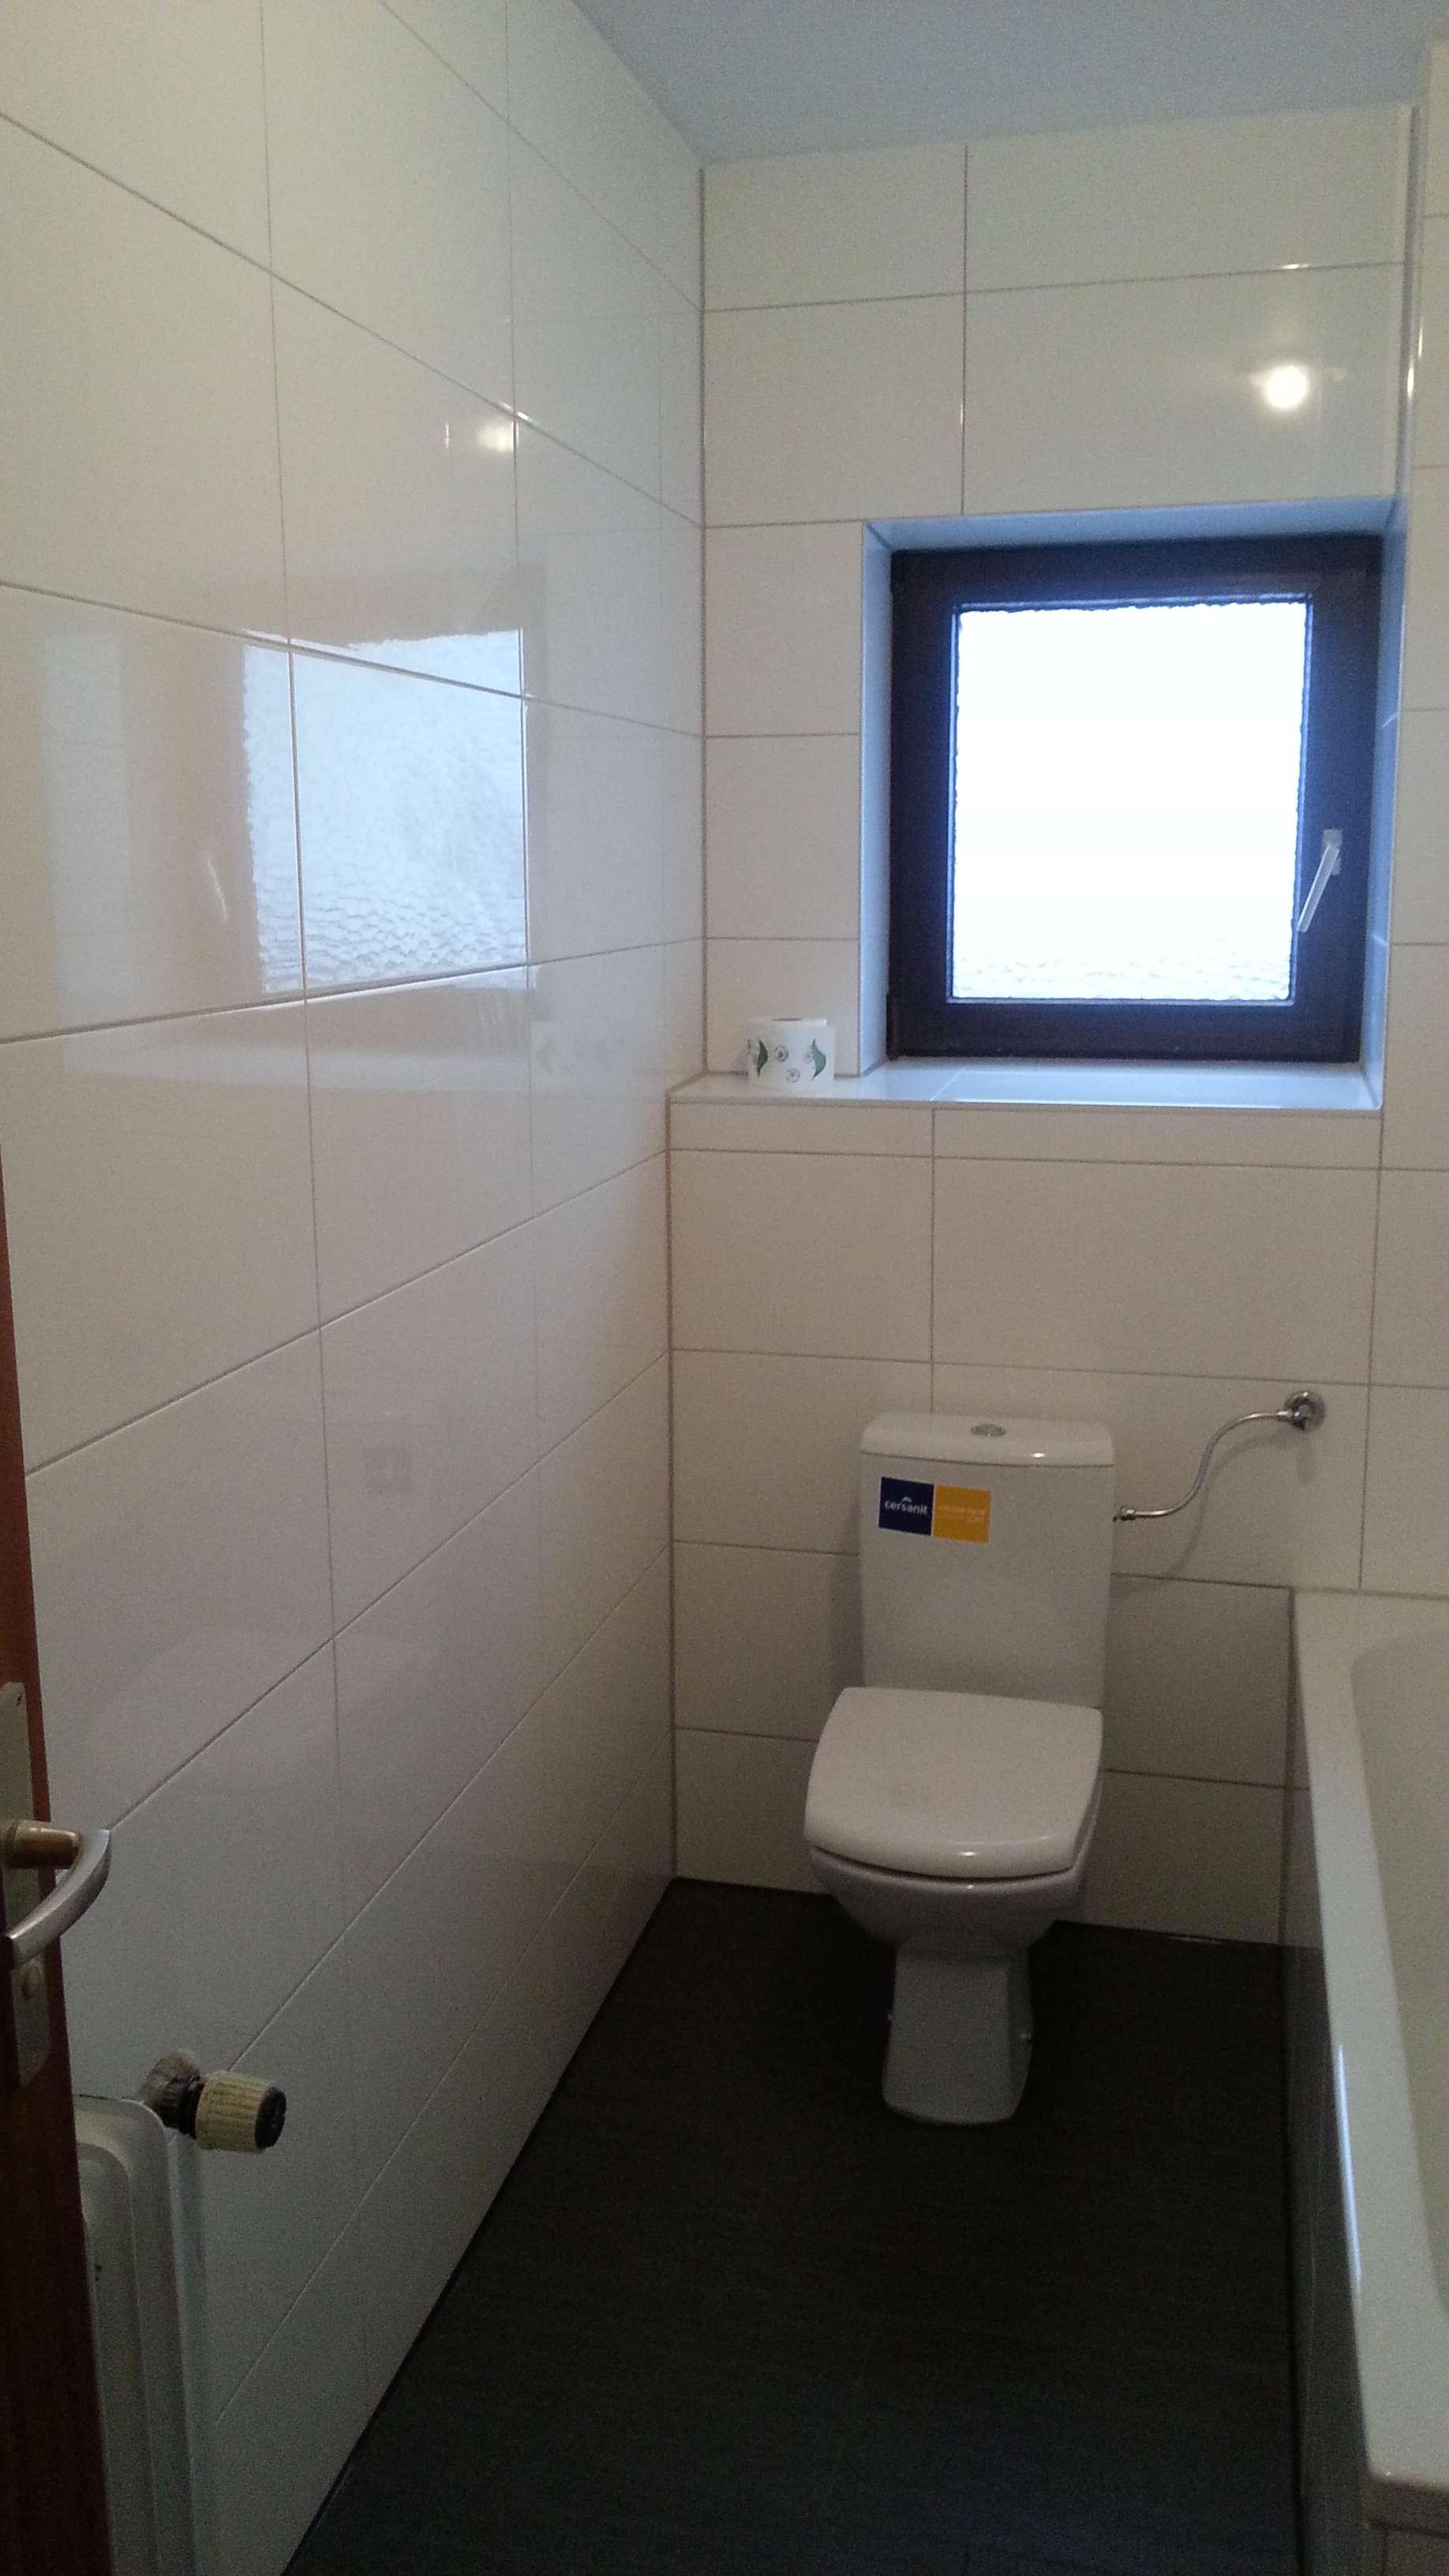 Exklusive, sanierte 2-Zimmer-Wohnung mit Balkon in Augsburg in